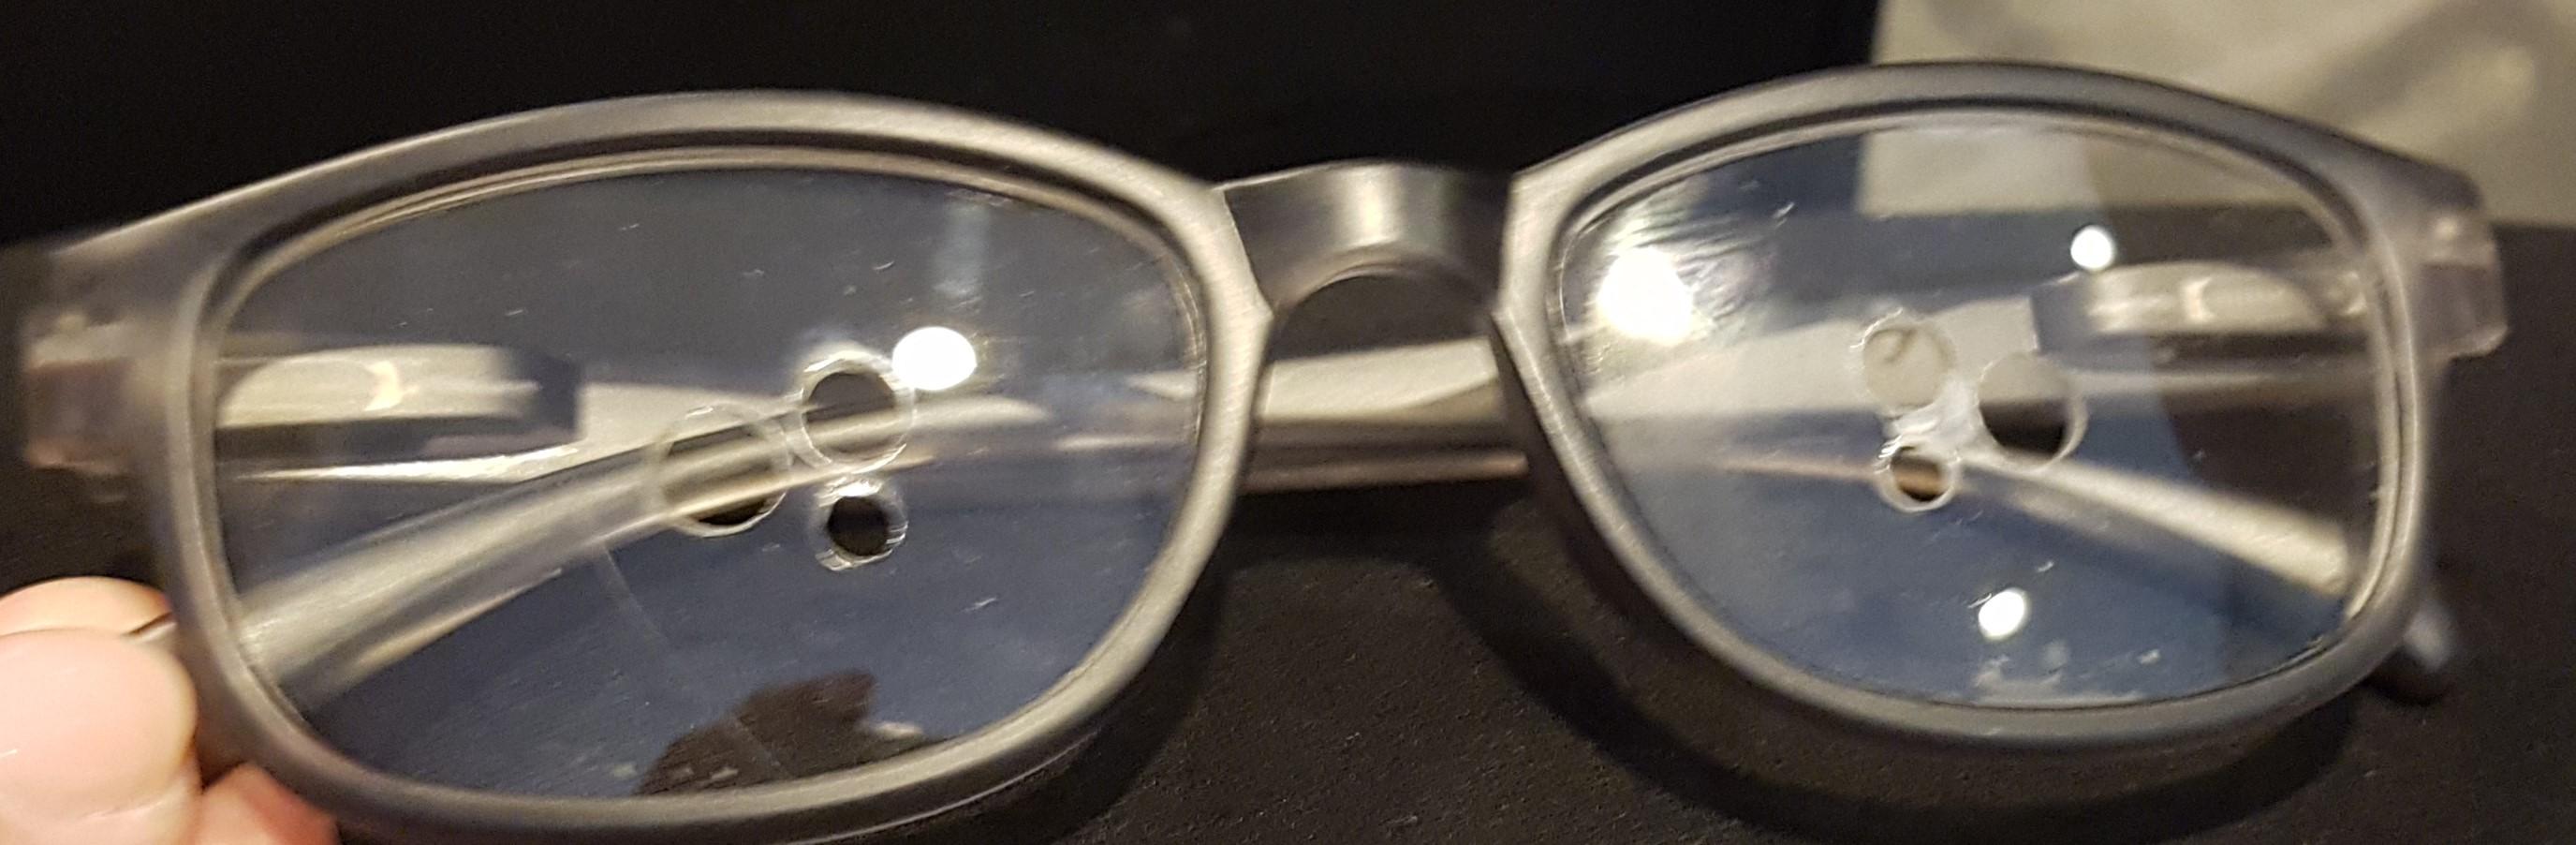 82fccfd6298692 Door zijn eigen oogklachten werd de uitvinder van de oogdruppelbril  geconfronteerd met de problemen die hij en veel mensen ondervinden om ...